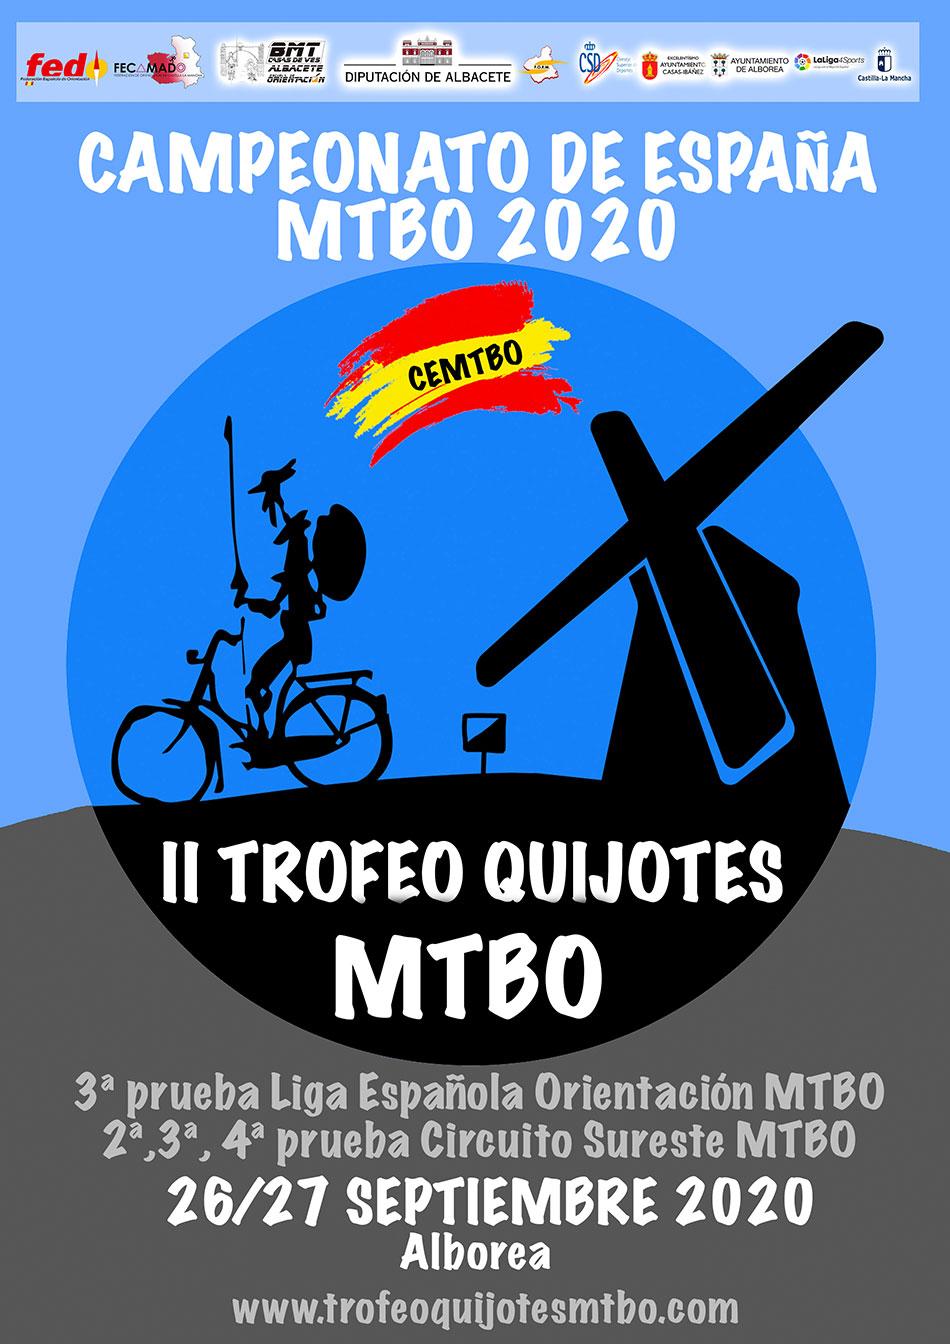 Cto España MTBO